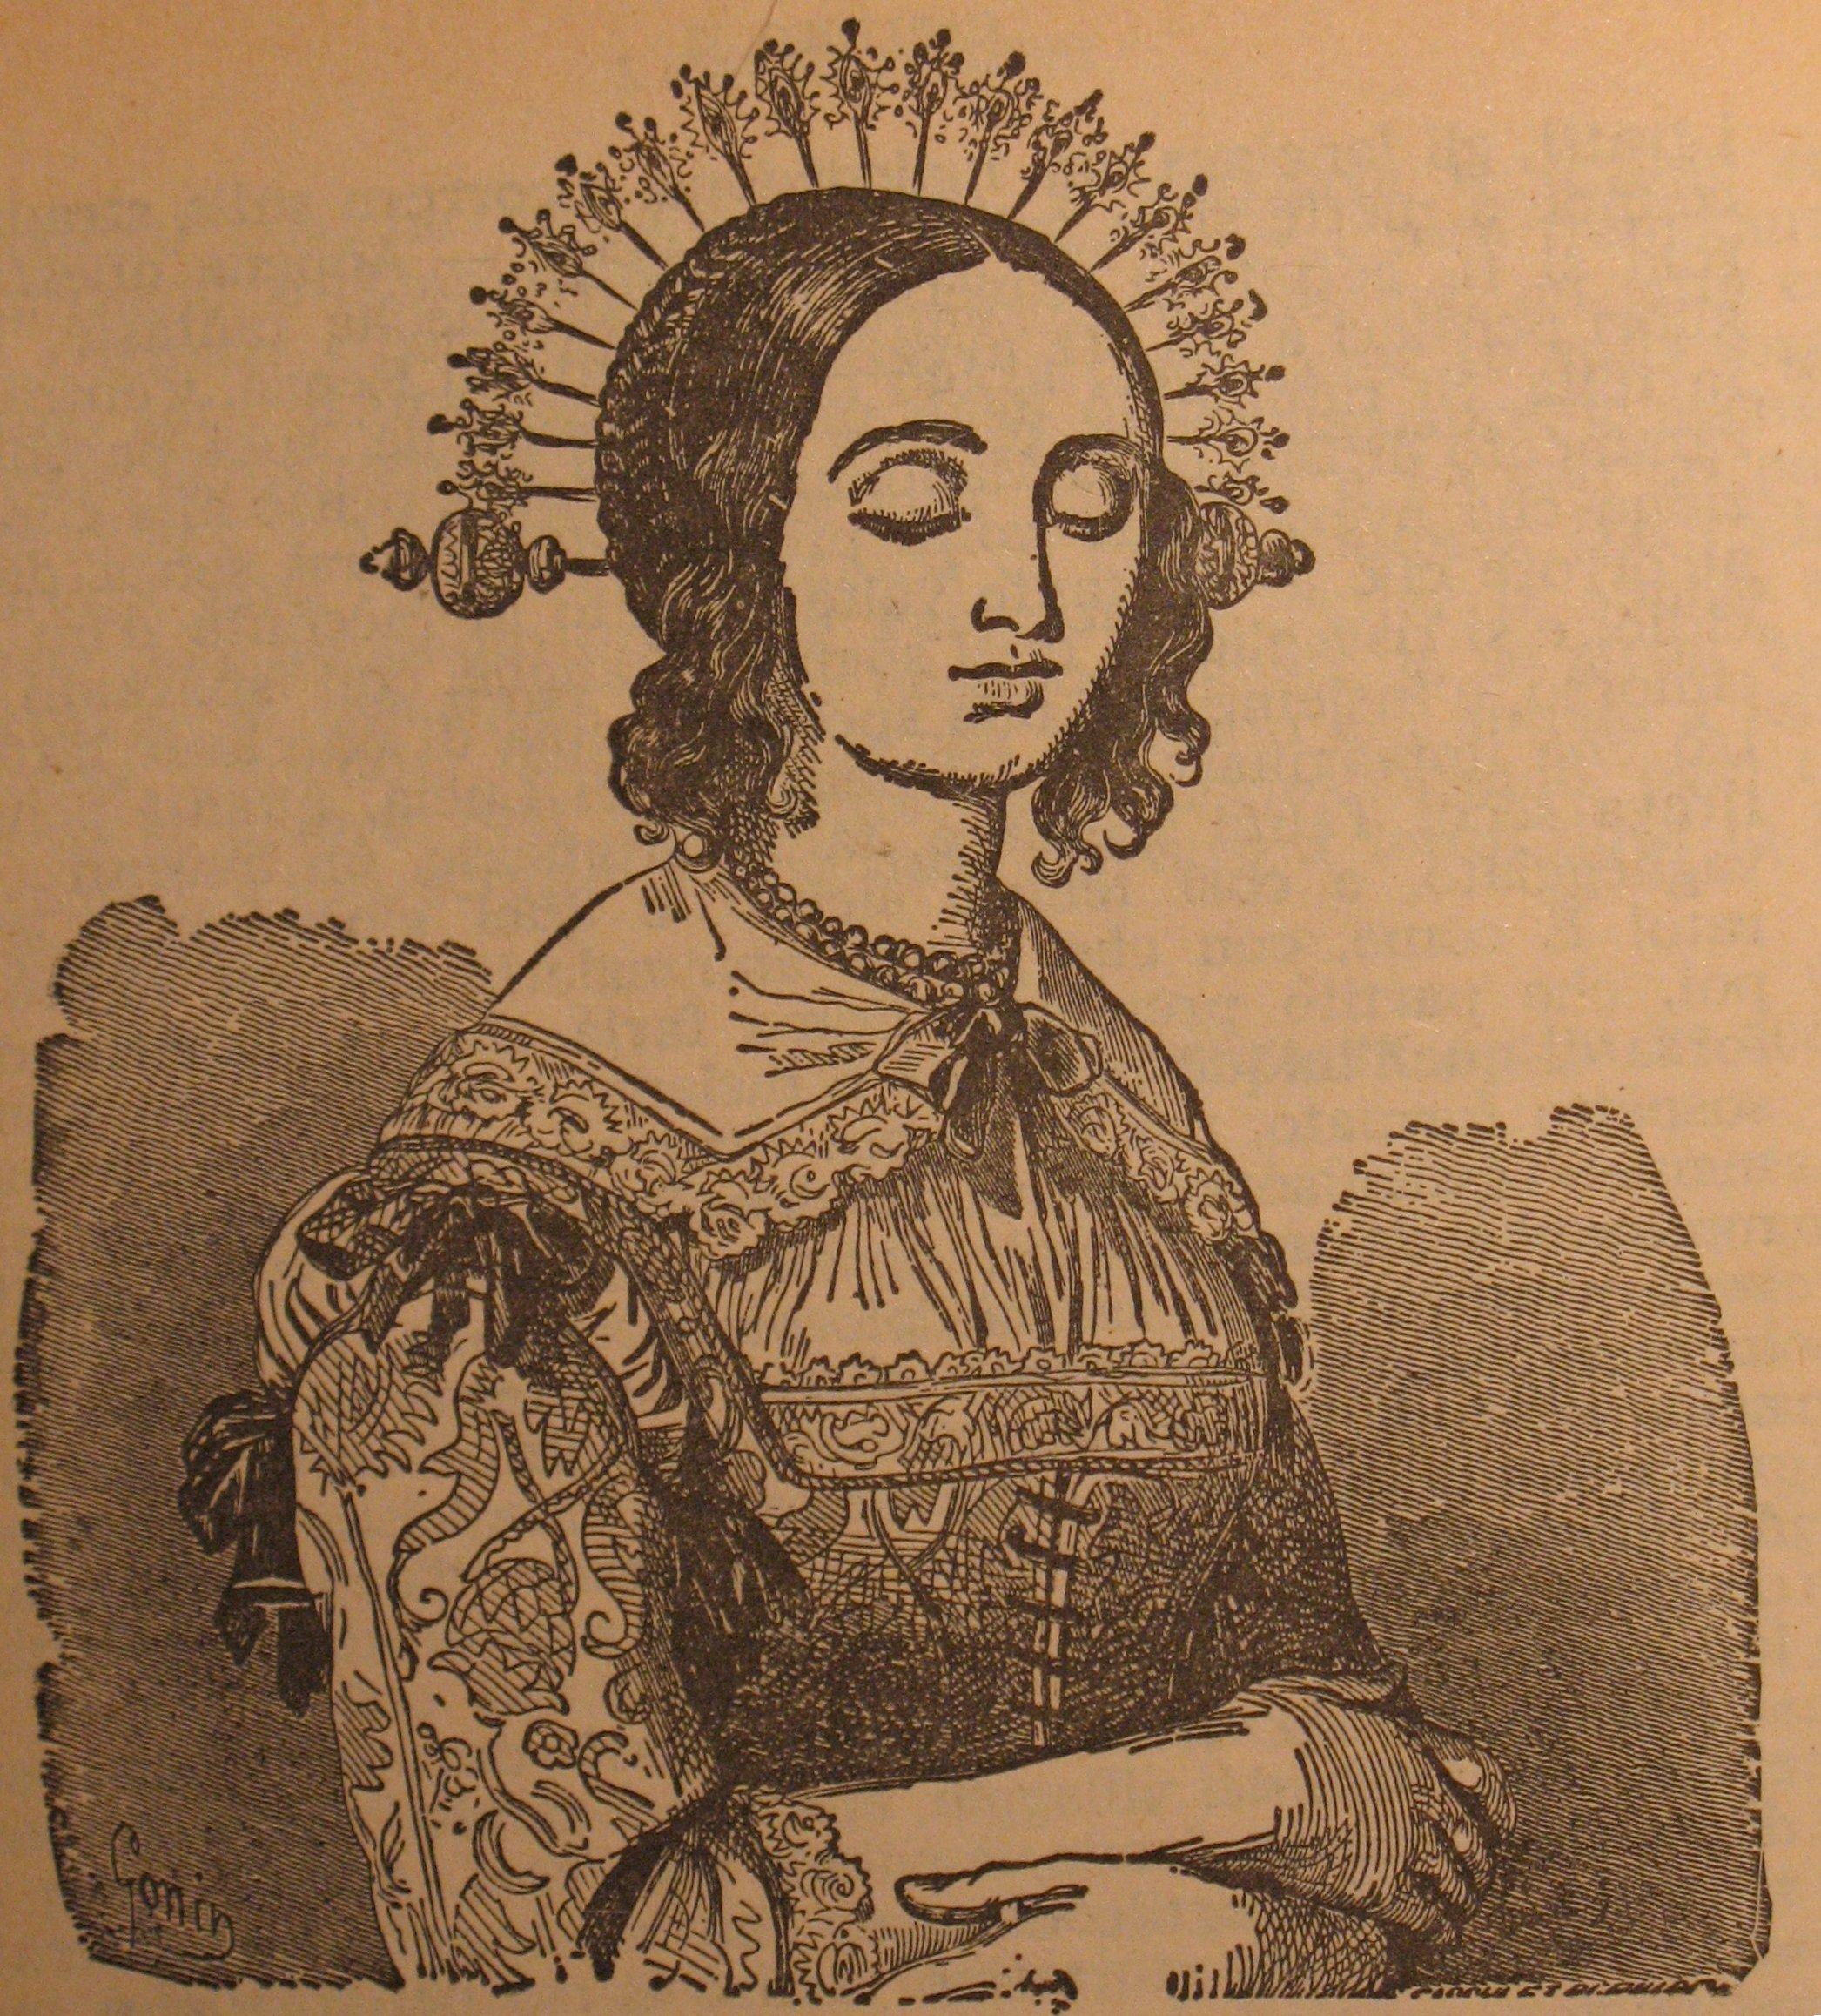 """Lucia Mondella, protagonista de """"I Promessi Sposi"""", di Alessandro Manzoni"""